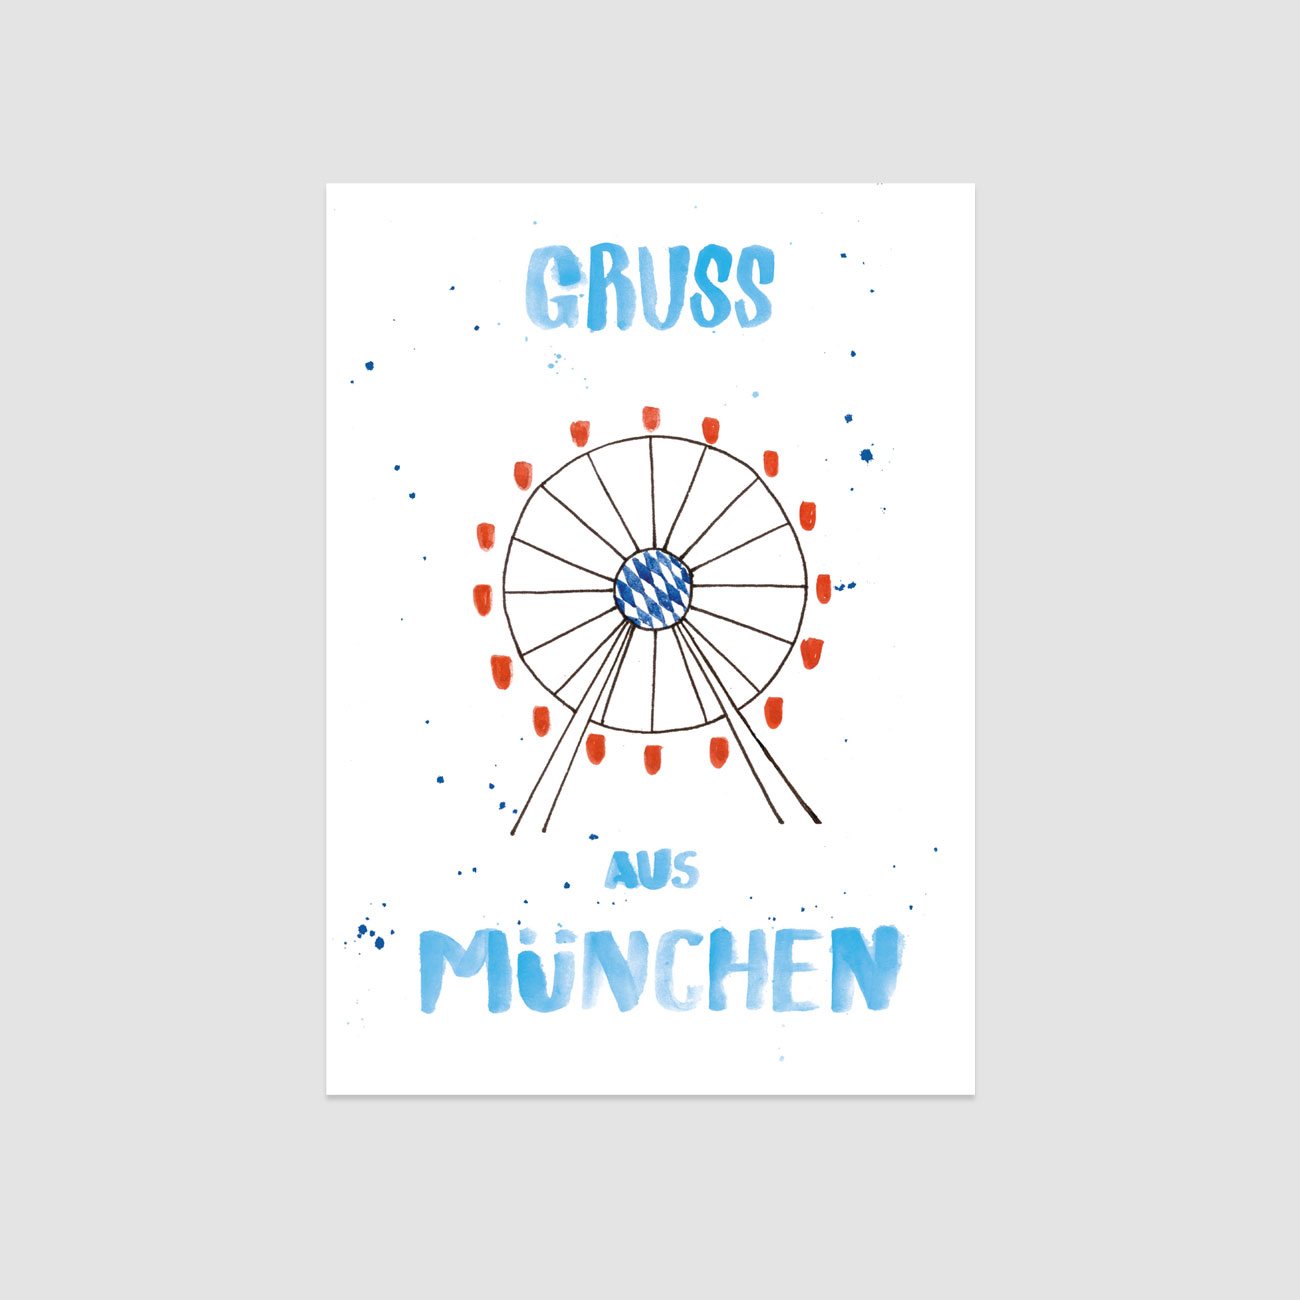 Gruß aus München, illustrierte Postkarte, Riesenrad und handgeschriebener Text in Blau,